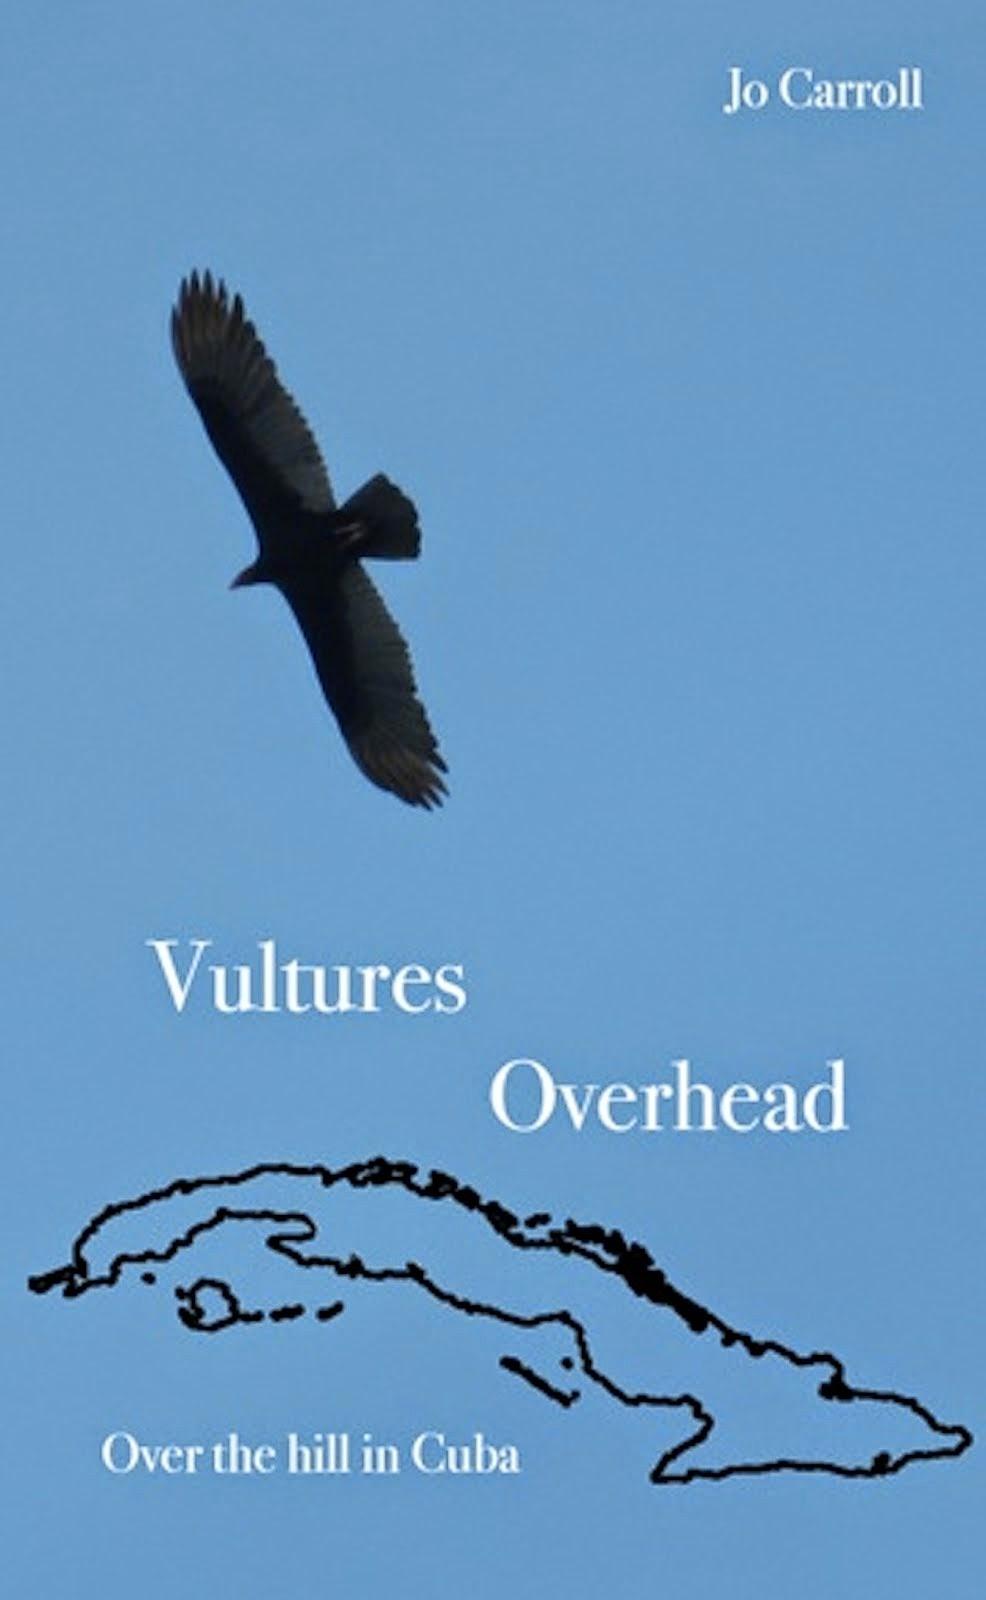 Vultures Overhead